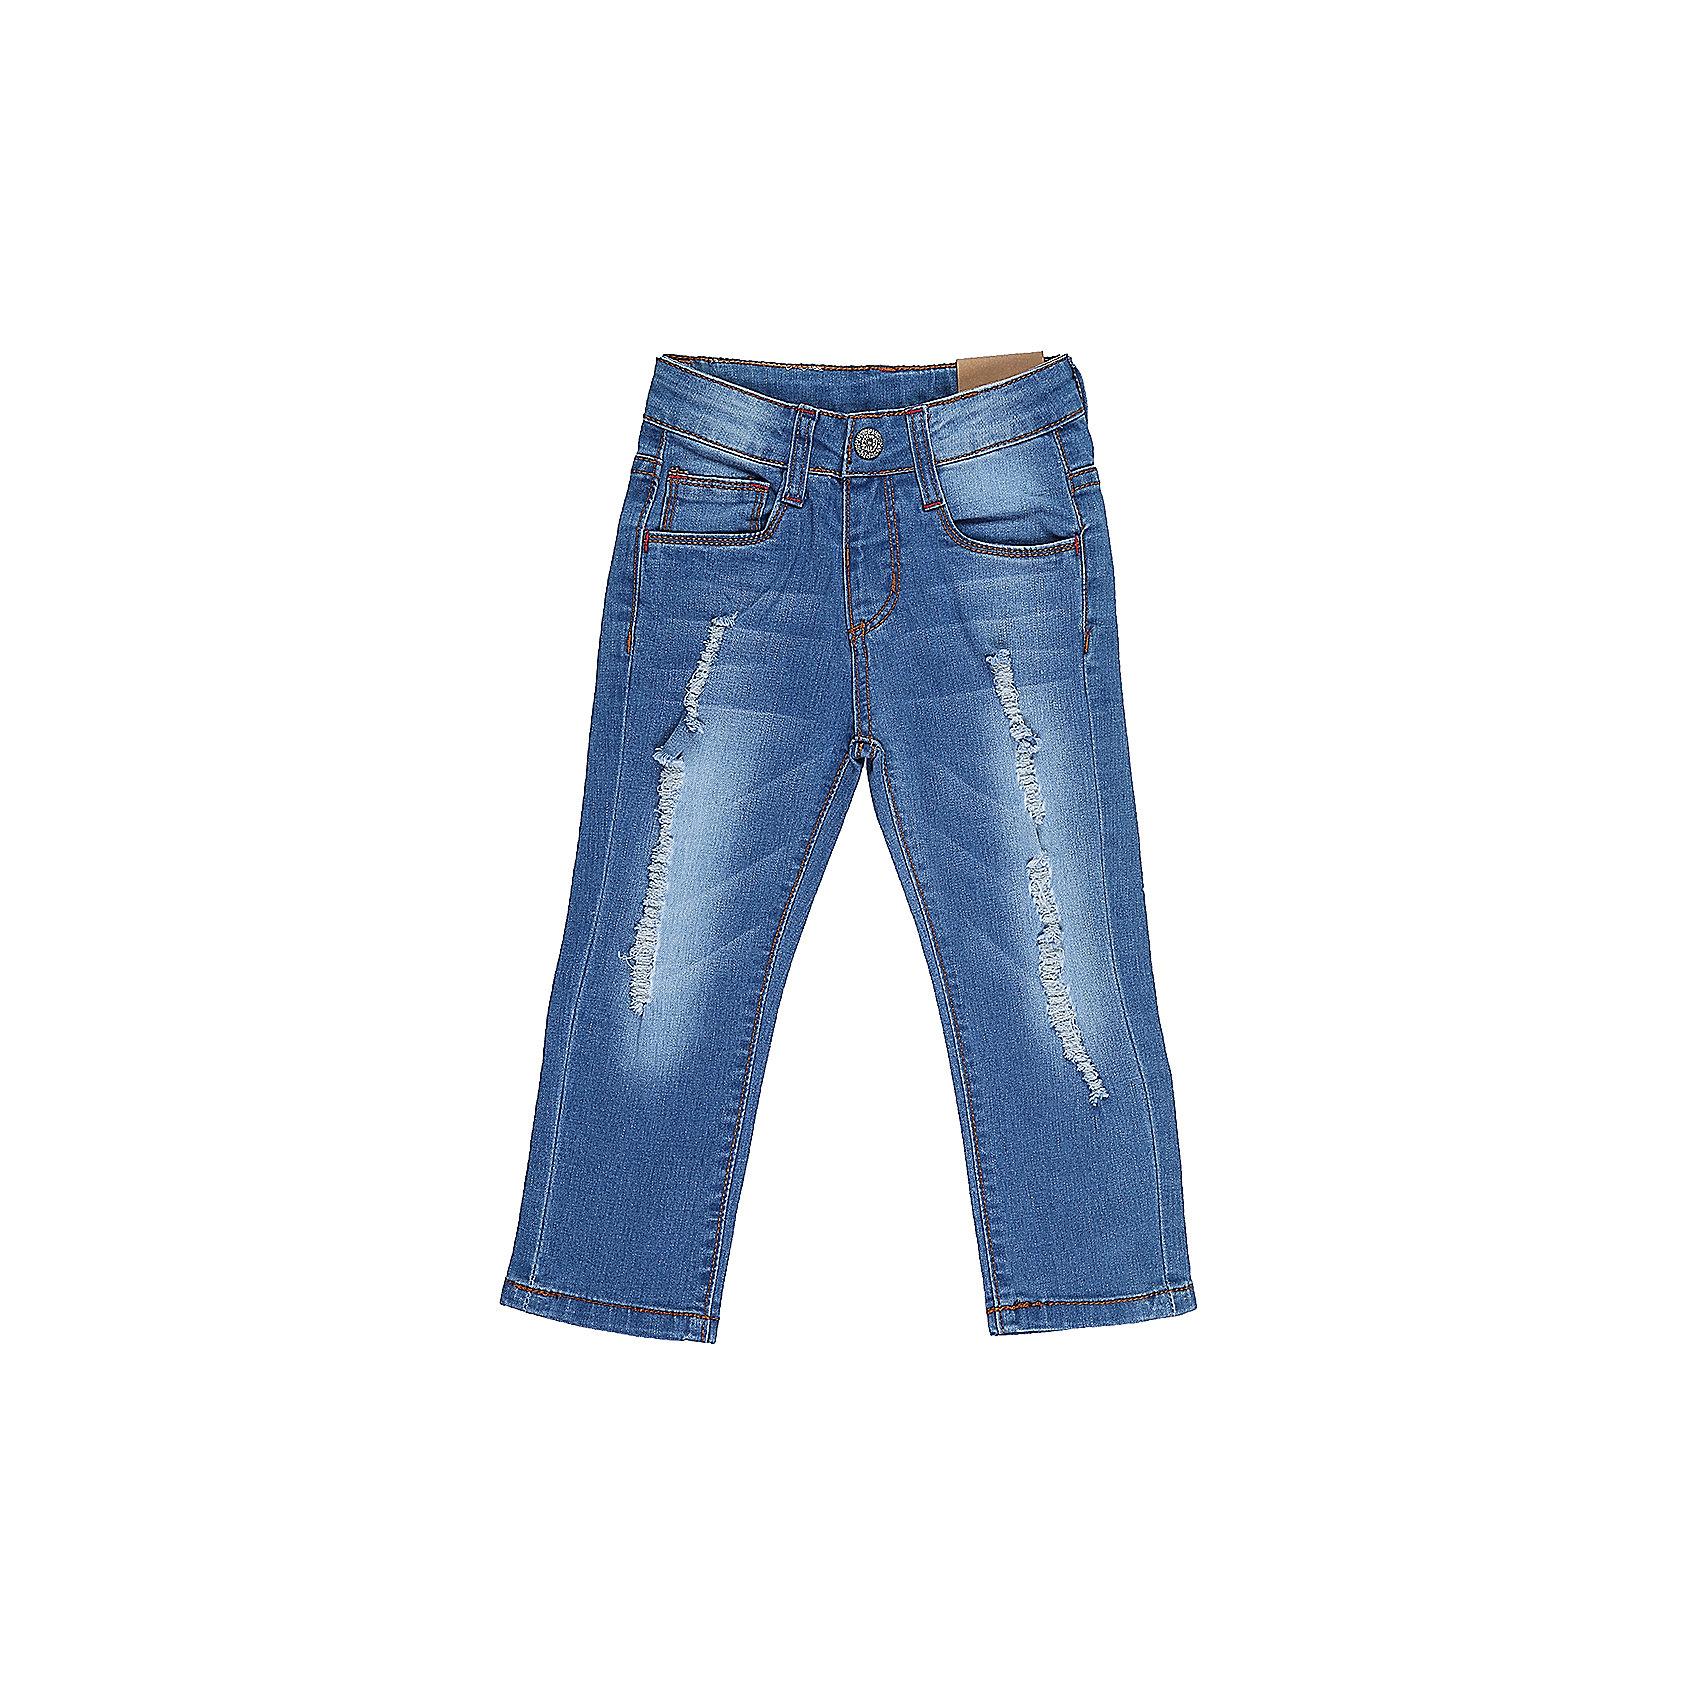 Джинсы для девочки Sweet BerryДжинсовая одежда<br>Джинсы  для девочки из хлопковой ткани, декорированы потертостями и эффектом рванной джинсы. Зауженный крой, средняя посадка. Застегиваются на молнию и крючок. Шлевки на поясе рассчитаны под ремень. В боковой части пояса находятся вшитые эластичные ленты, регулирующие посадку по талии.<br>Состав:<br>98%хлопок 2%эластан<br><br>Ширина мм: 215<br>Глубина мм: 88<br>Высота мм: 191<br>Вес г: 336<br>Цвет: синий<br>Возраст от месяцев: 12<br>Возраст до месяцев: 18<br>Пол: Женский<br>Возраст: Детский<br>Размер: 86,80,98,92<br>SKU: 5411120